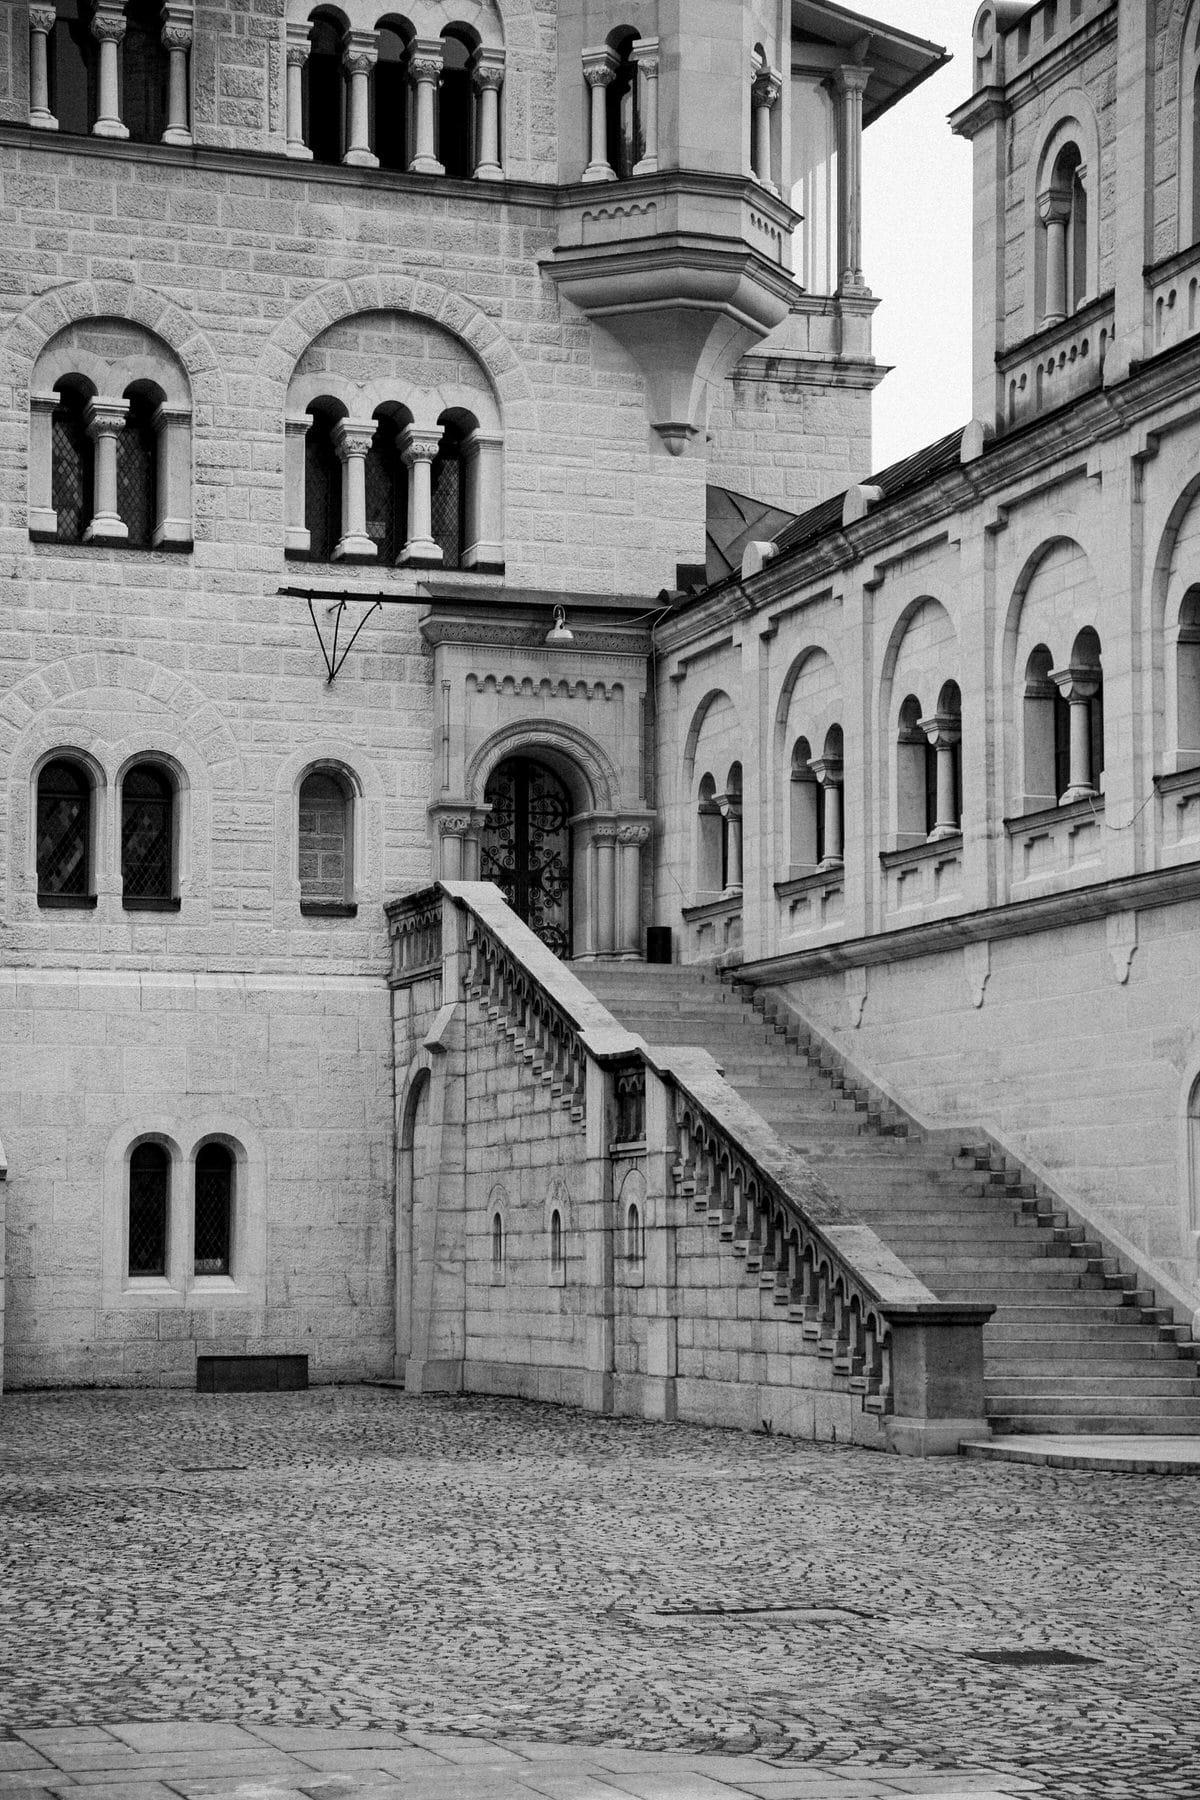 Neuschwanstein-Bavaria-Germany-black-and-white-fine-art-photography-by-Studio-L-photographer-Laura-Schneider-_3550